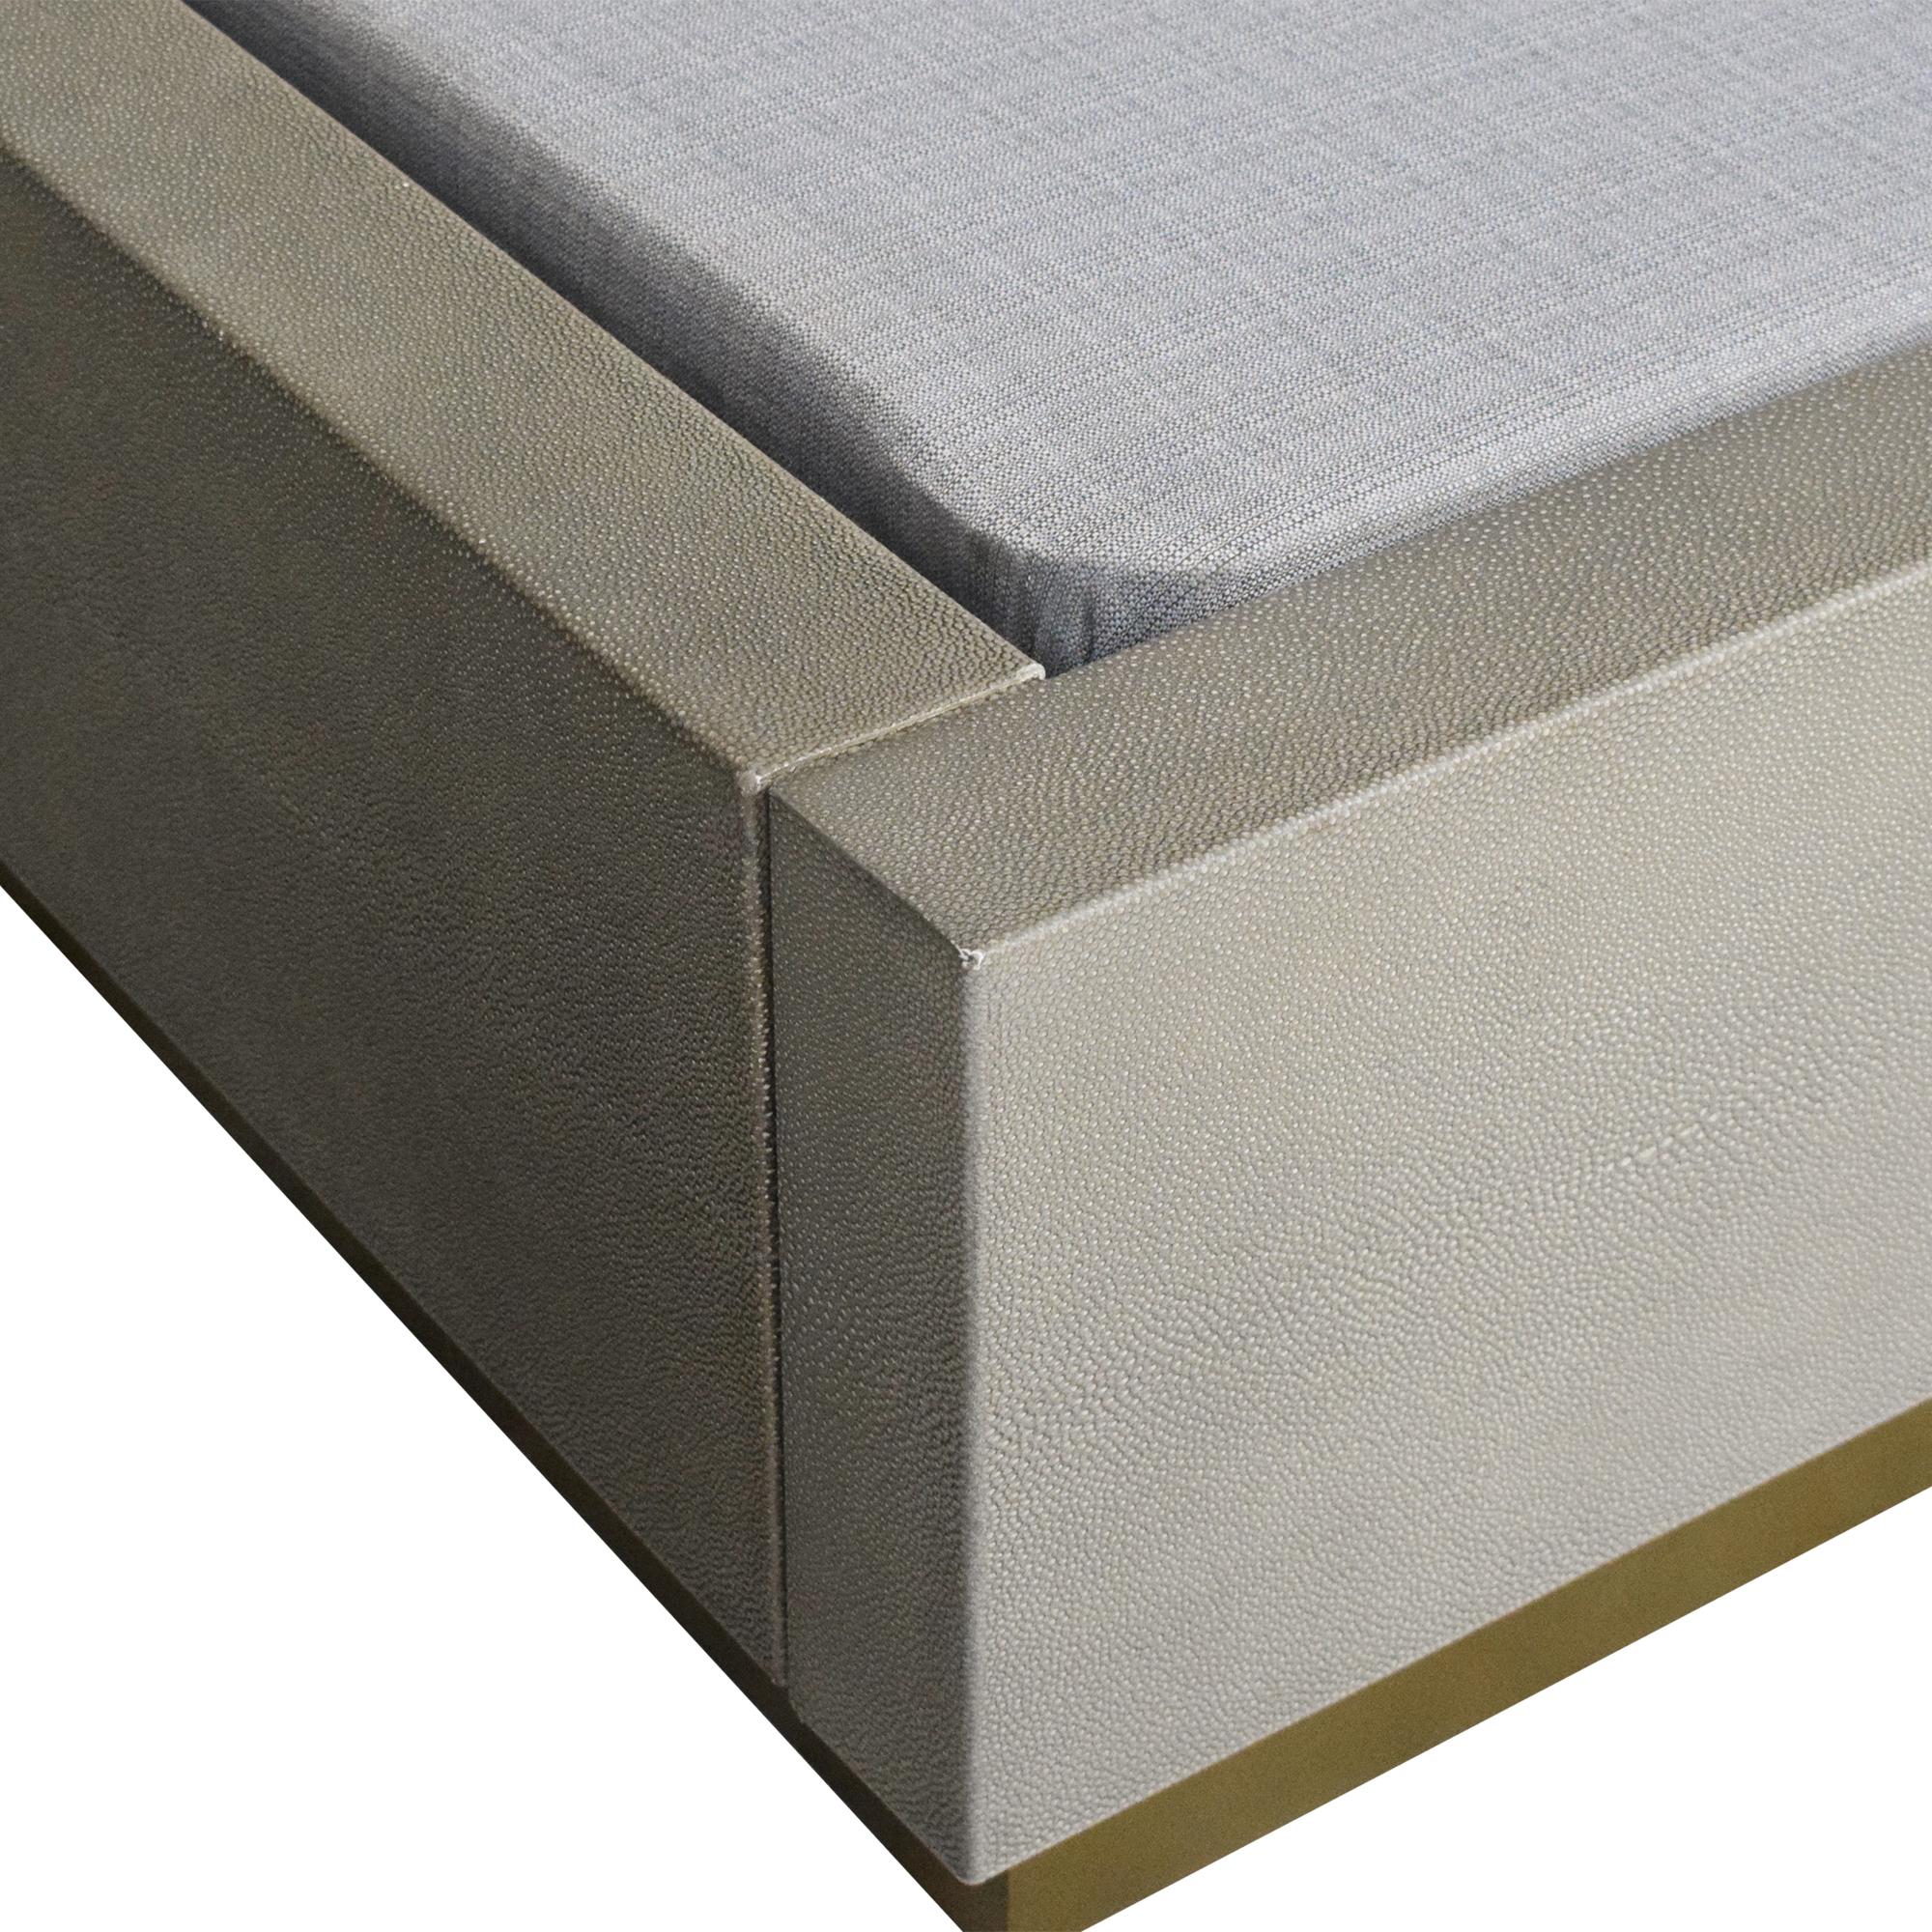 Restoration Hardware Cela Queen Bed / Bed Frames